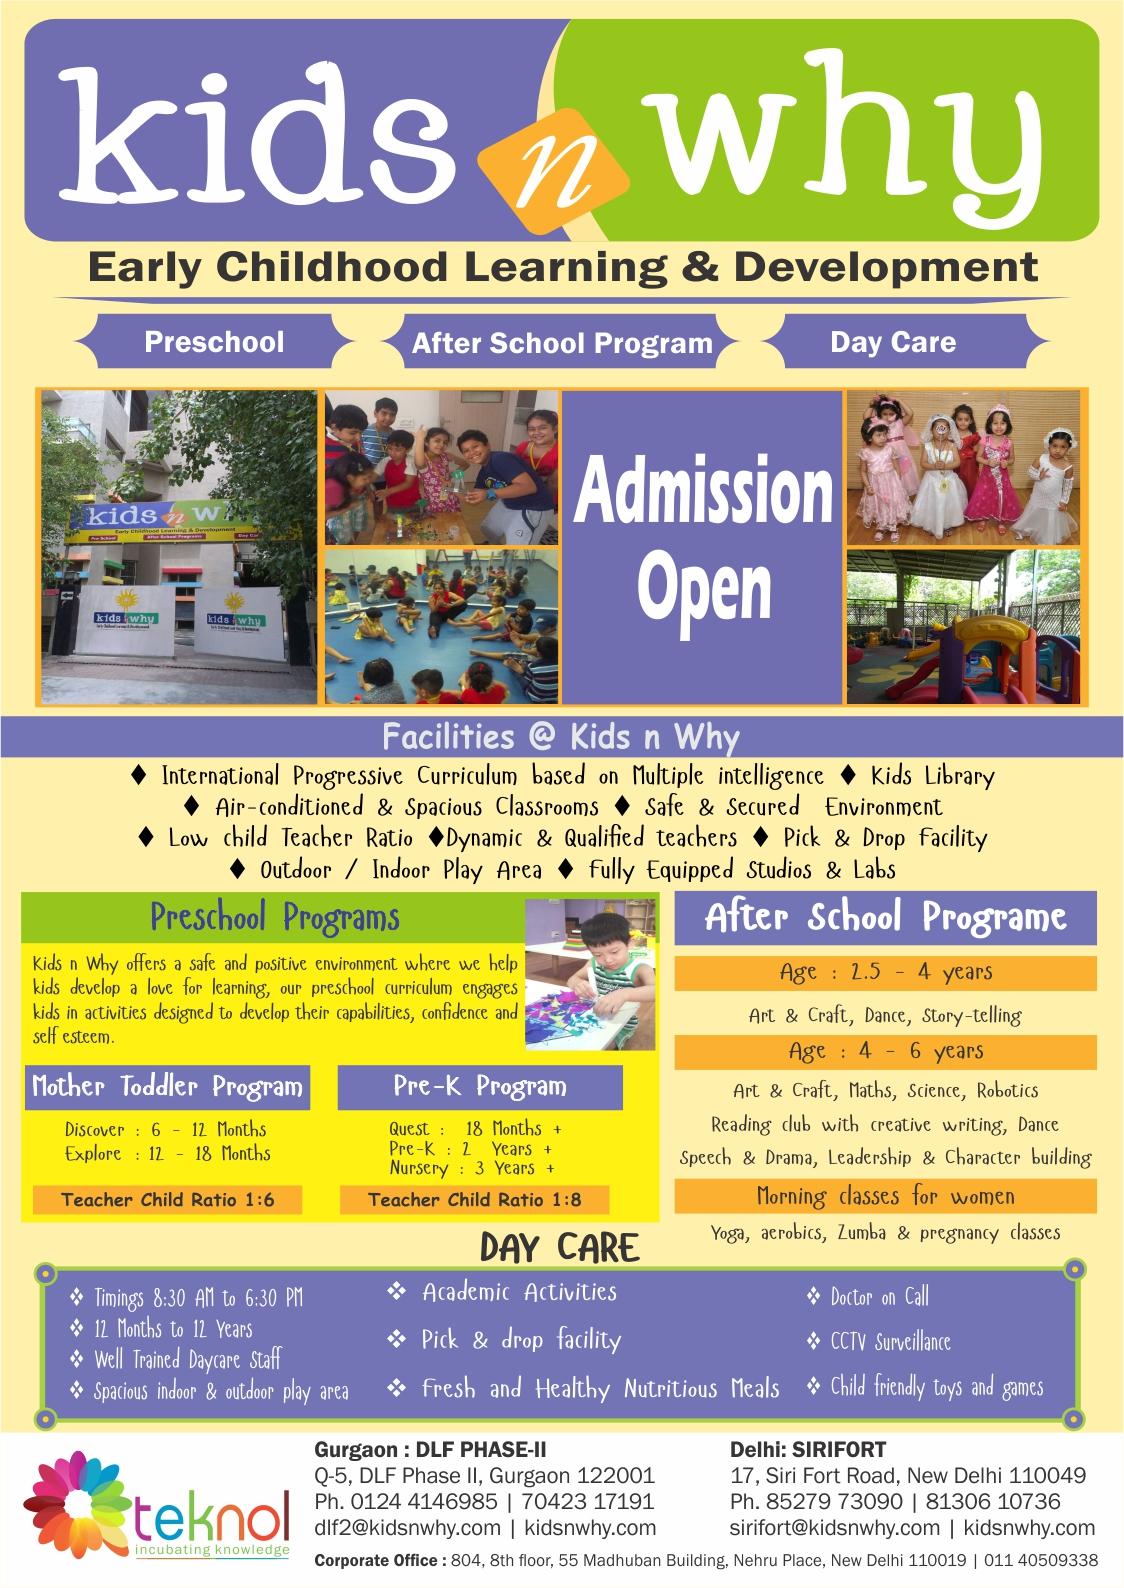 Kids n Why DLF Gurgaon